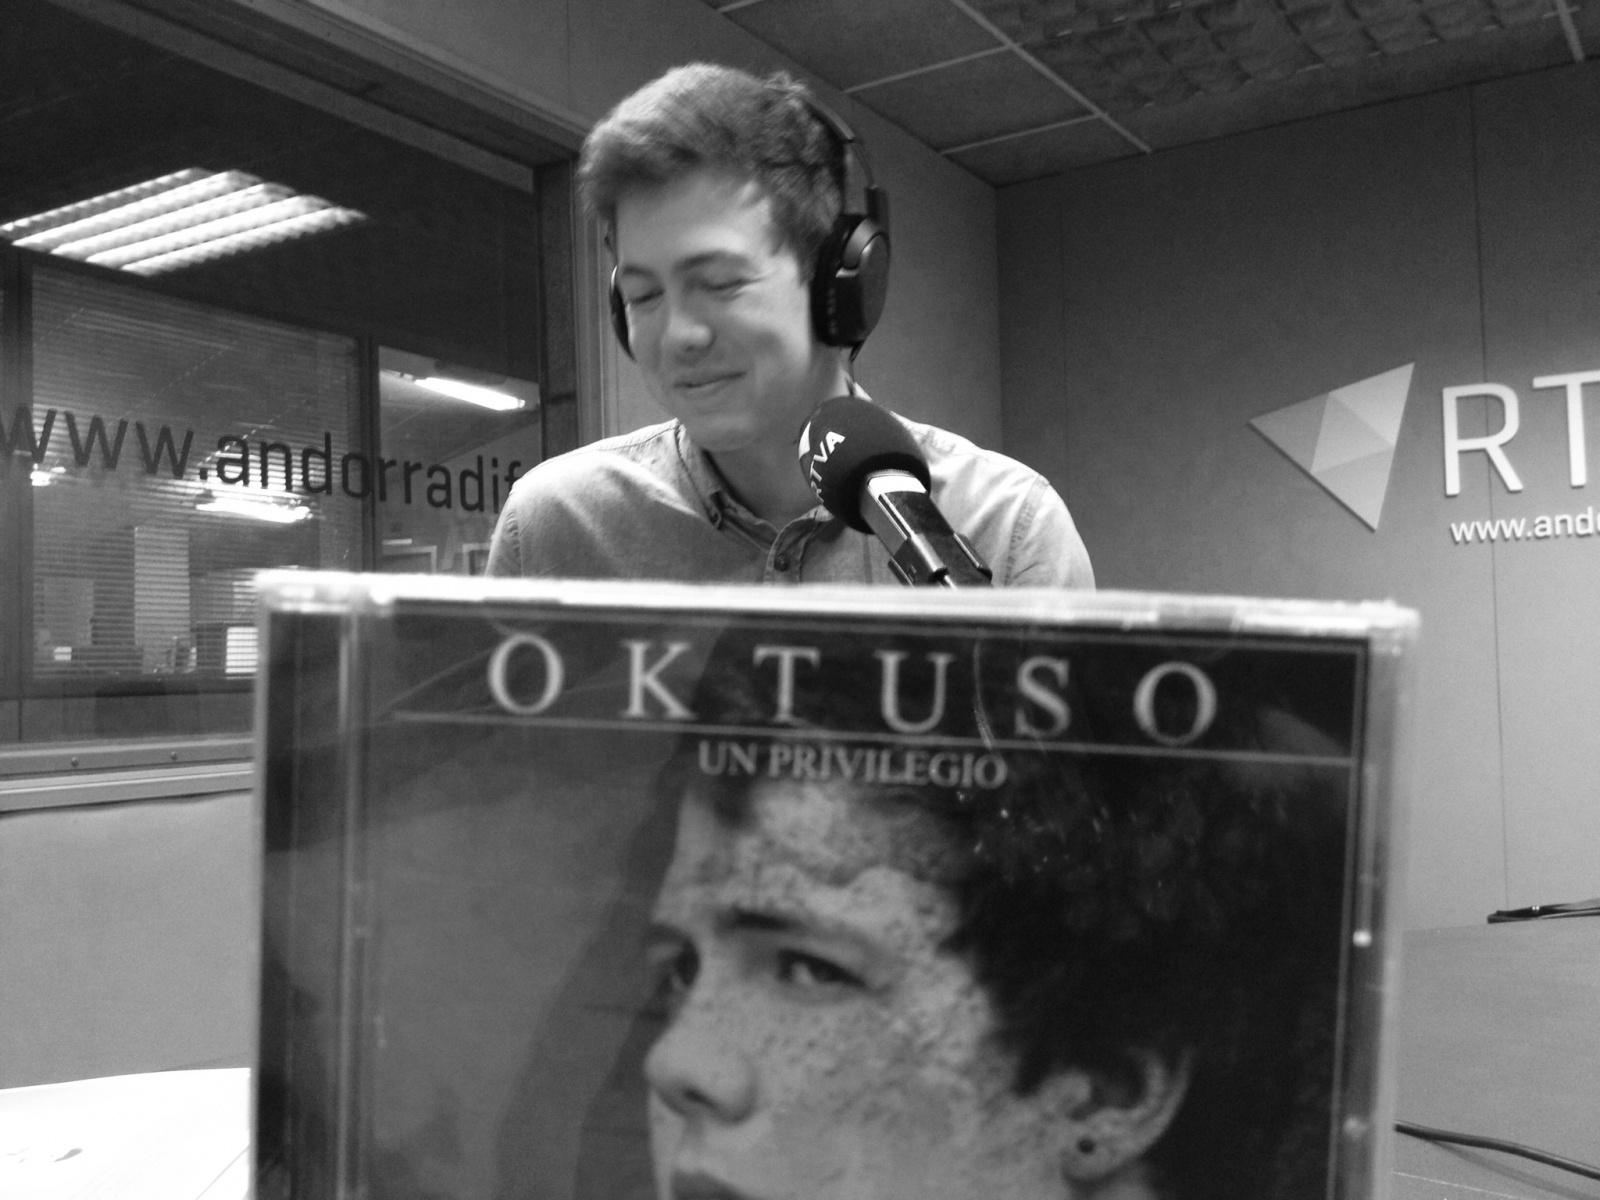 """""""Un privilegio"""" l'àlbum d'Oktusso que en dues setmanes ha tingut 11000 descàrregues"""